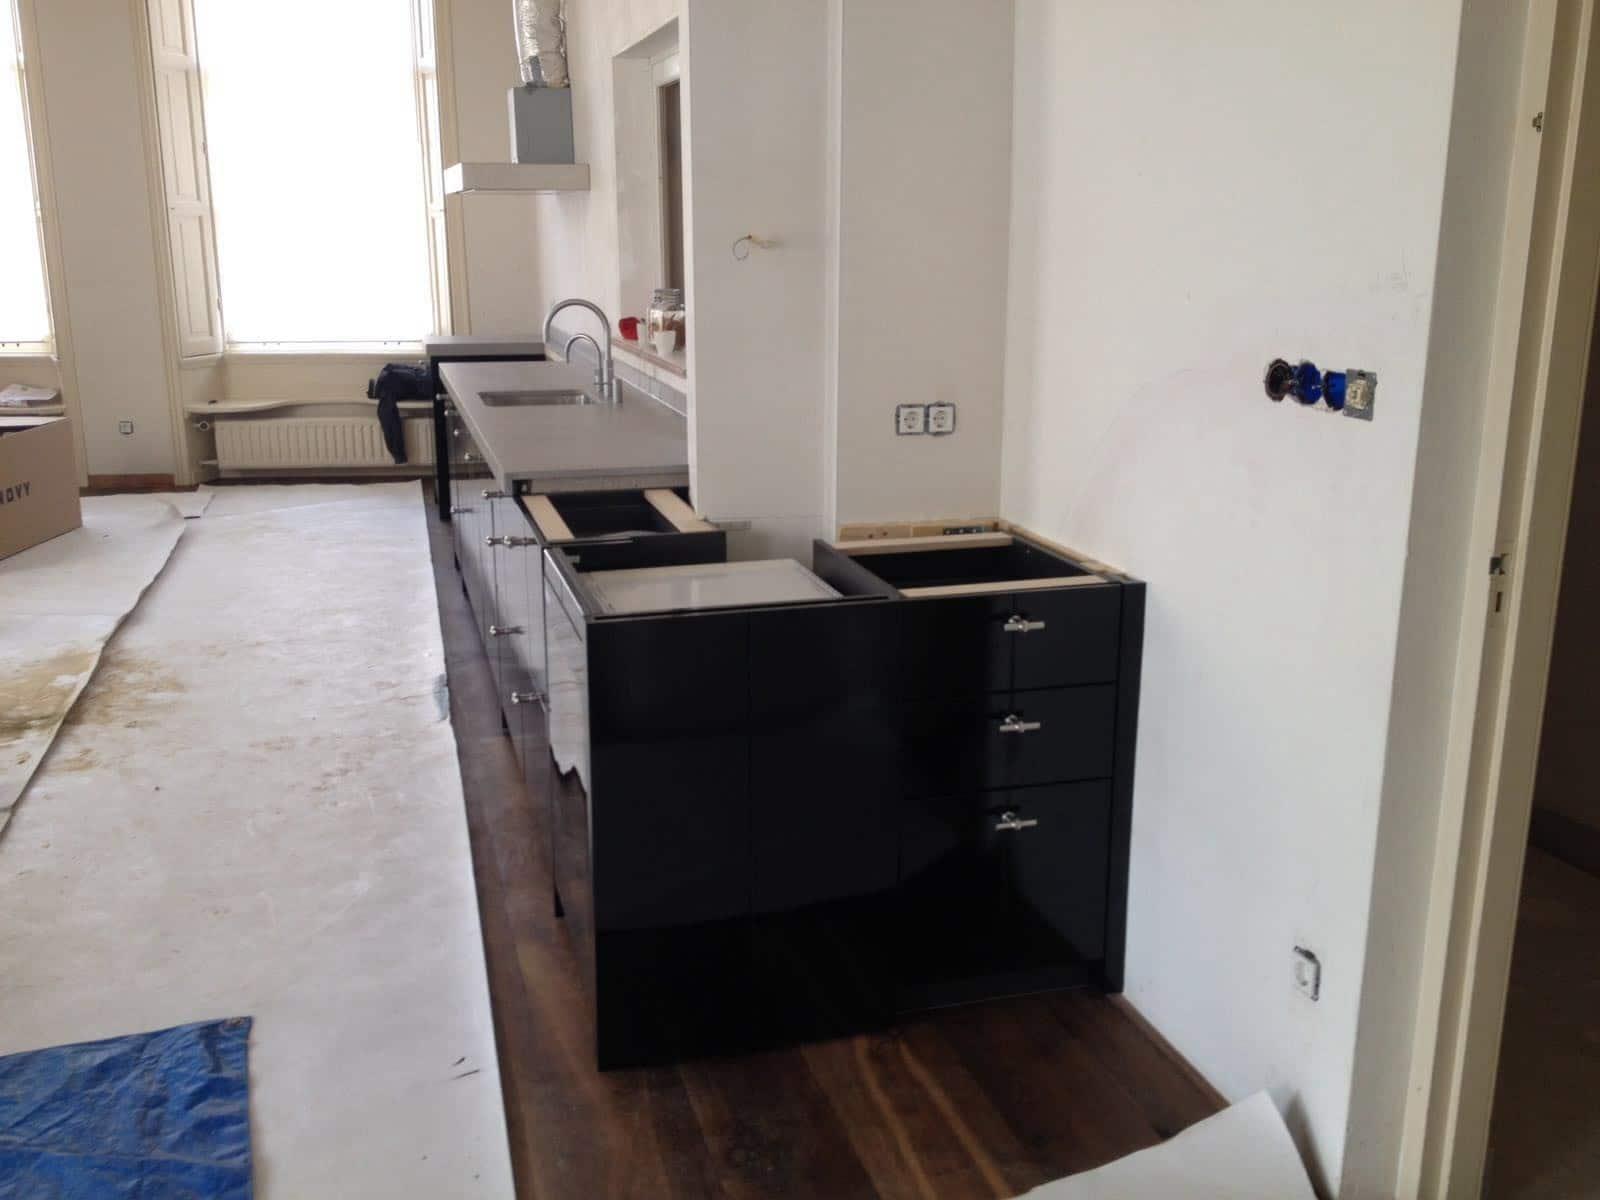 Bybeelen private label keuken in zwart hoogglans keukenstudio beelen - Keuken op het platteland ...